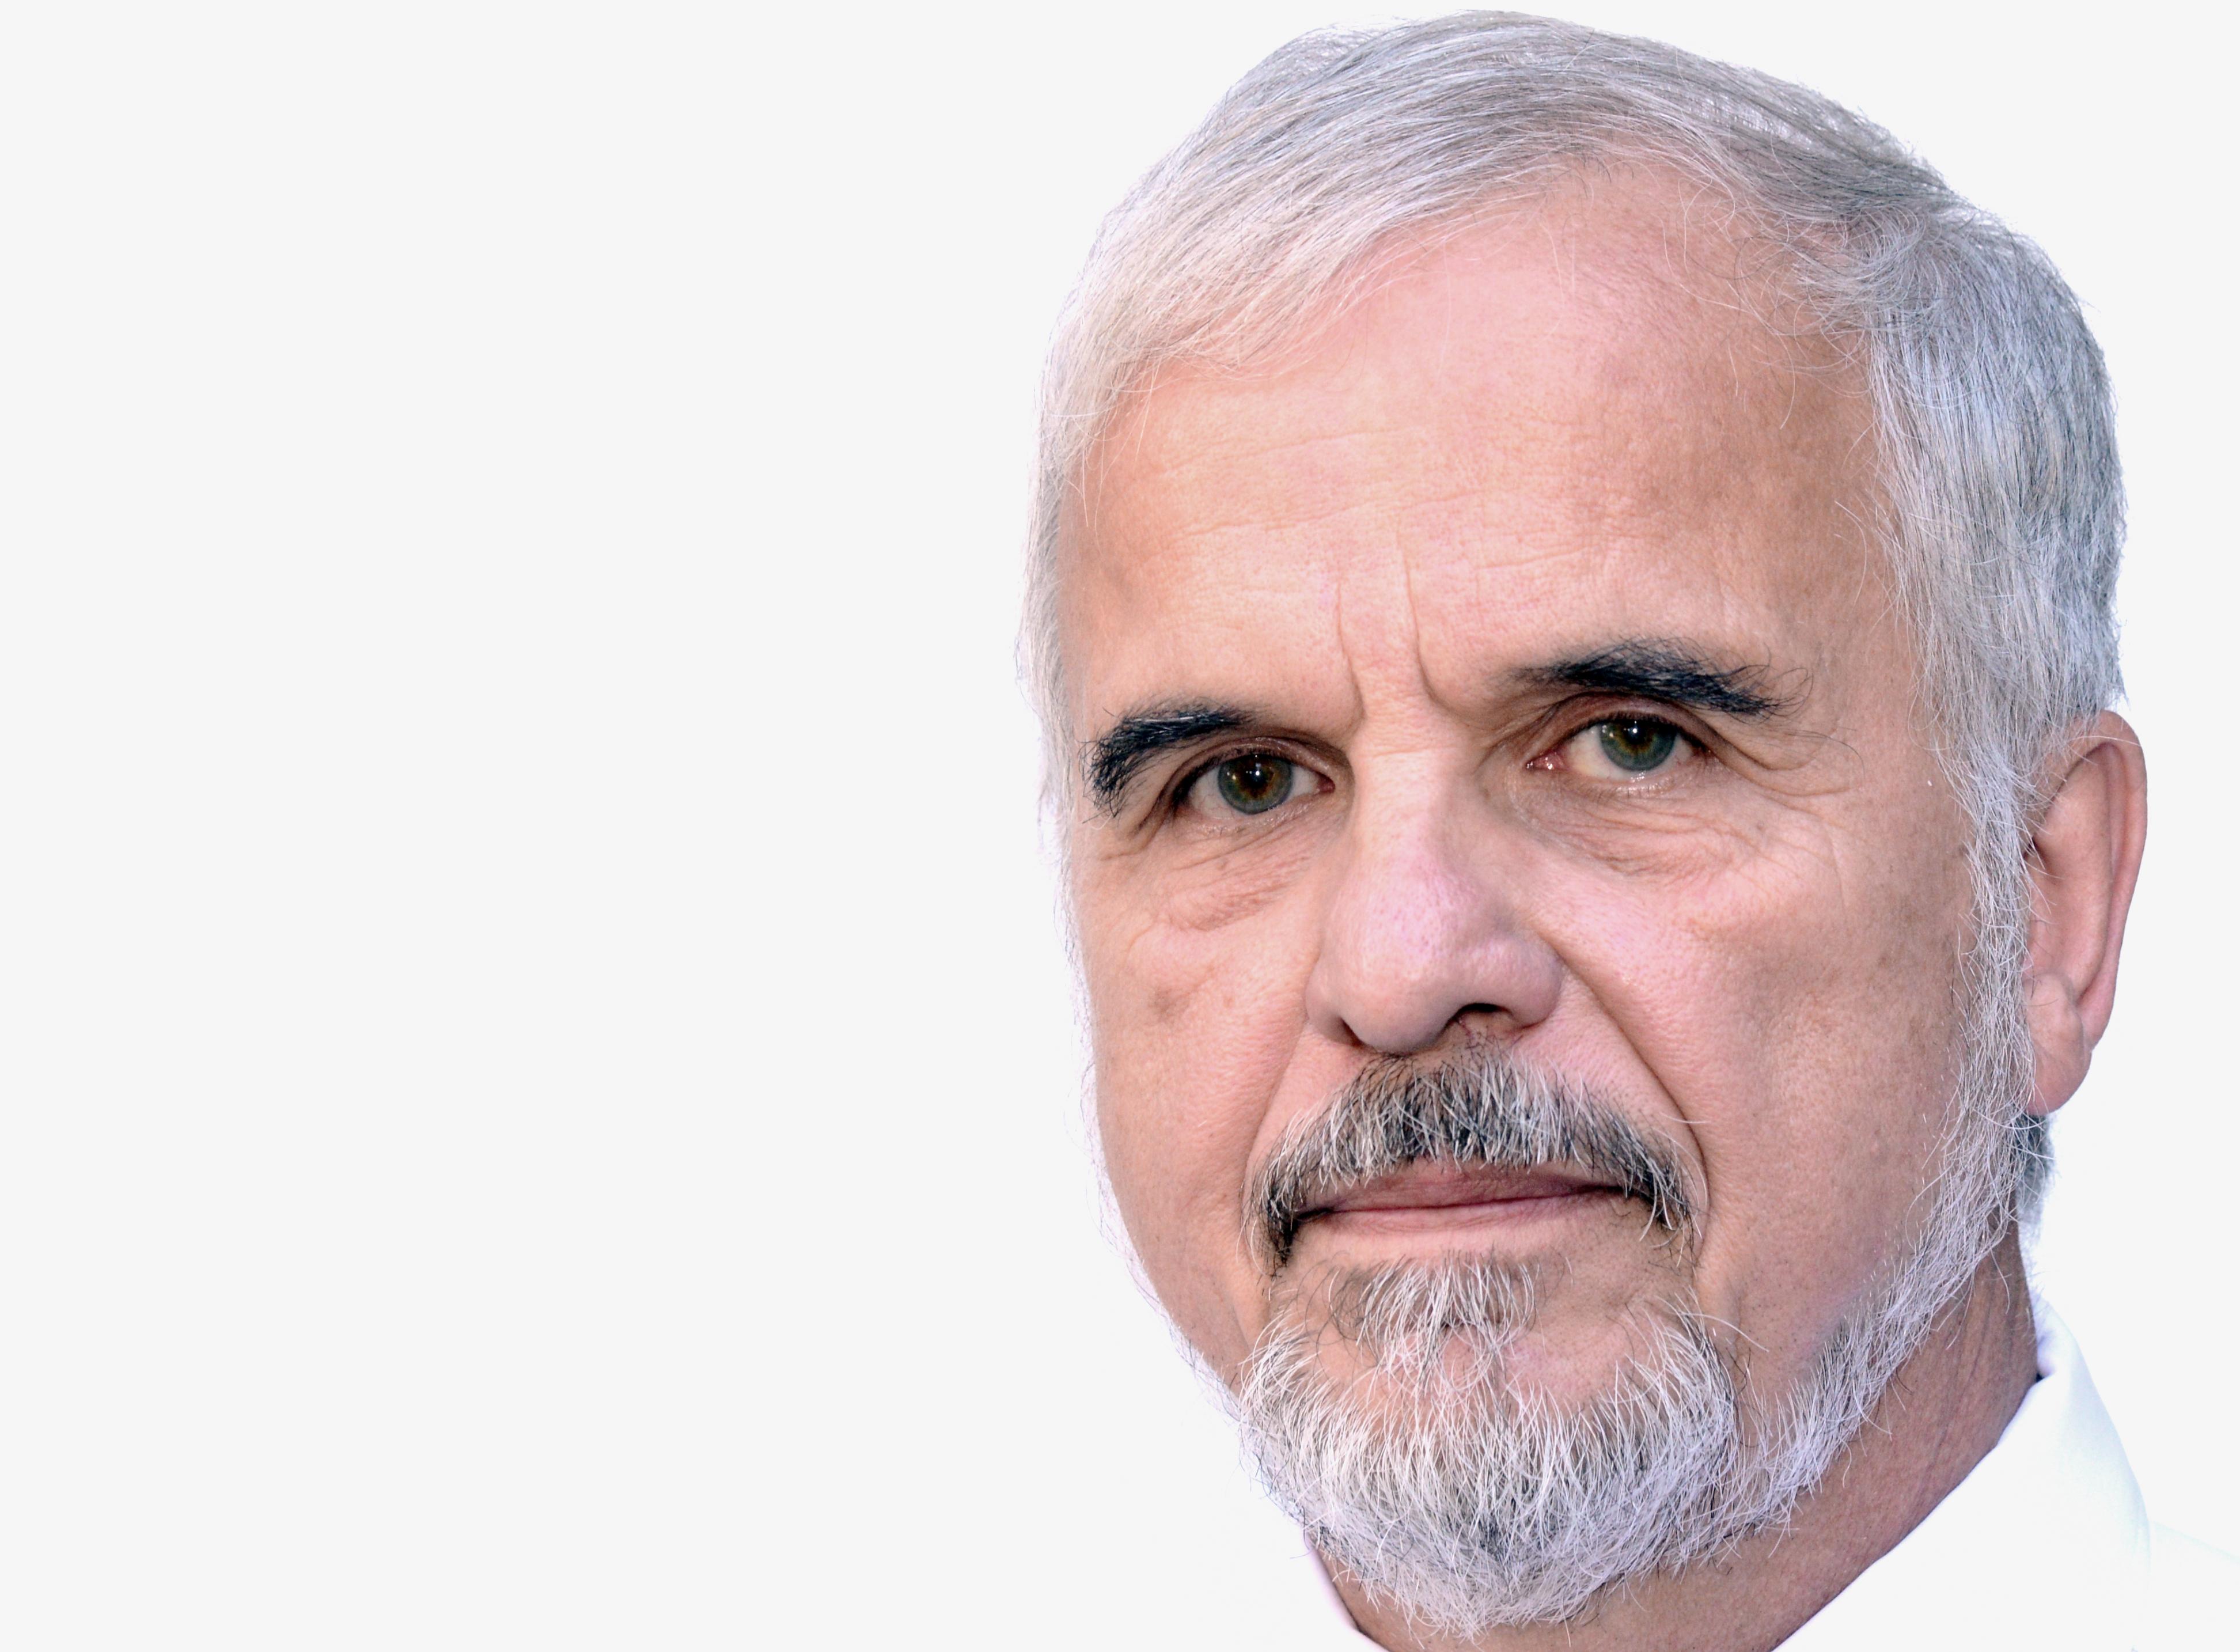 Dr. Ivan Davids Aufruf zur Achtung und Wahrung der Menschenrechte